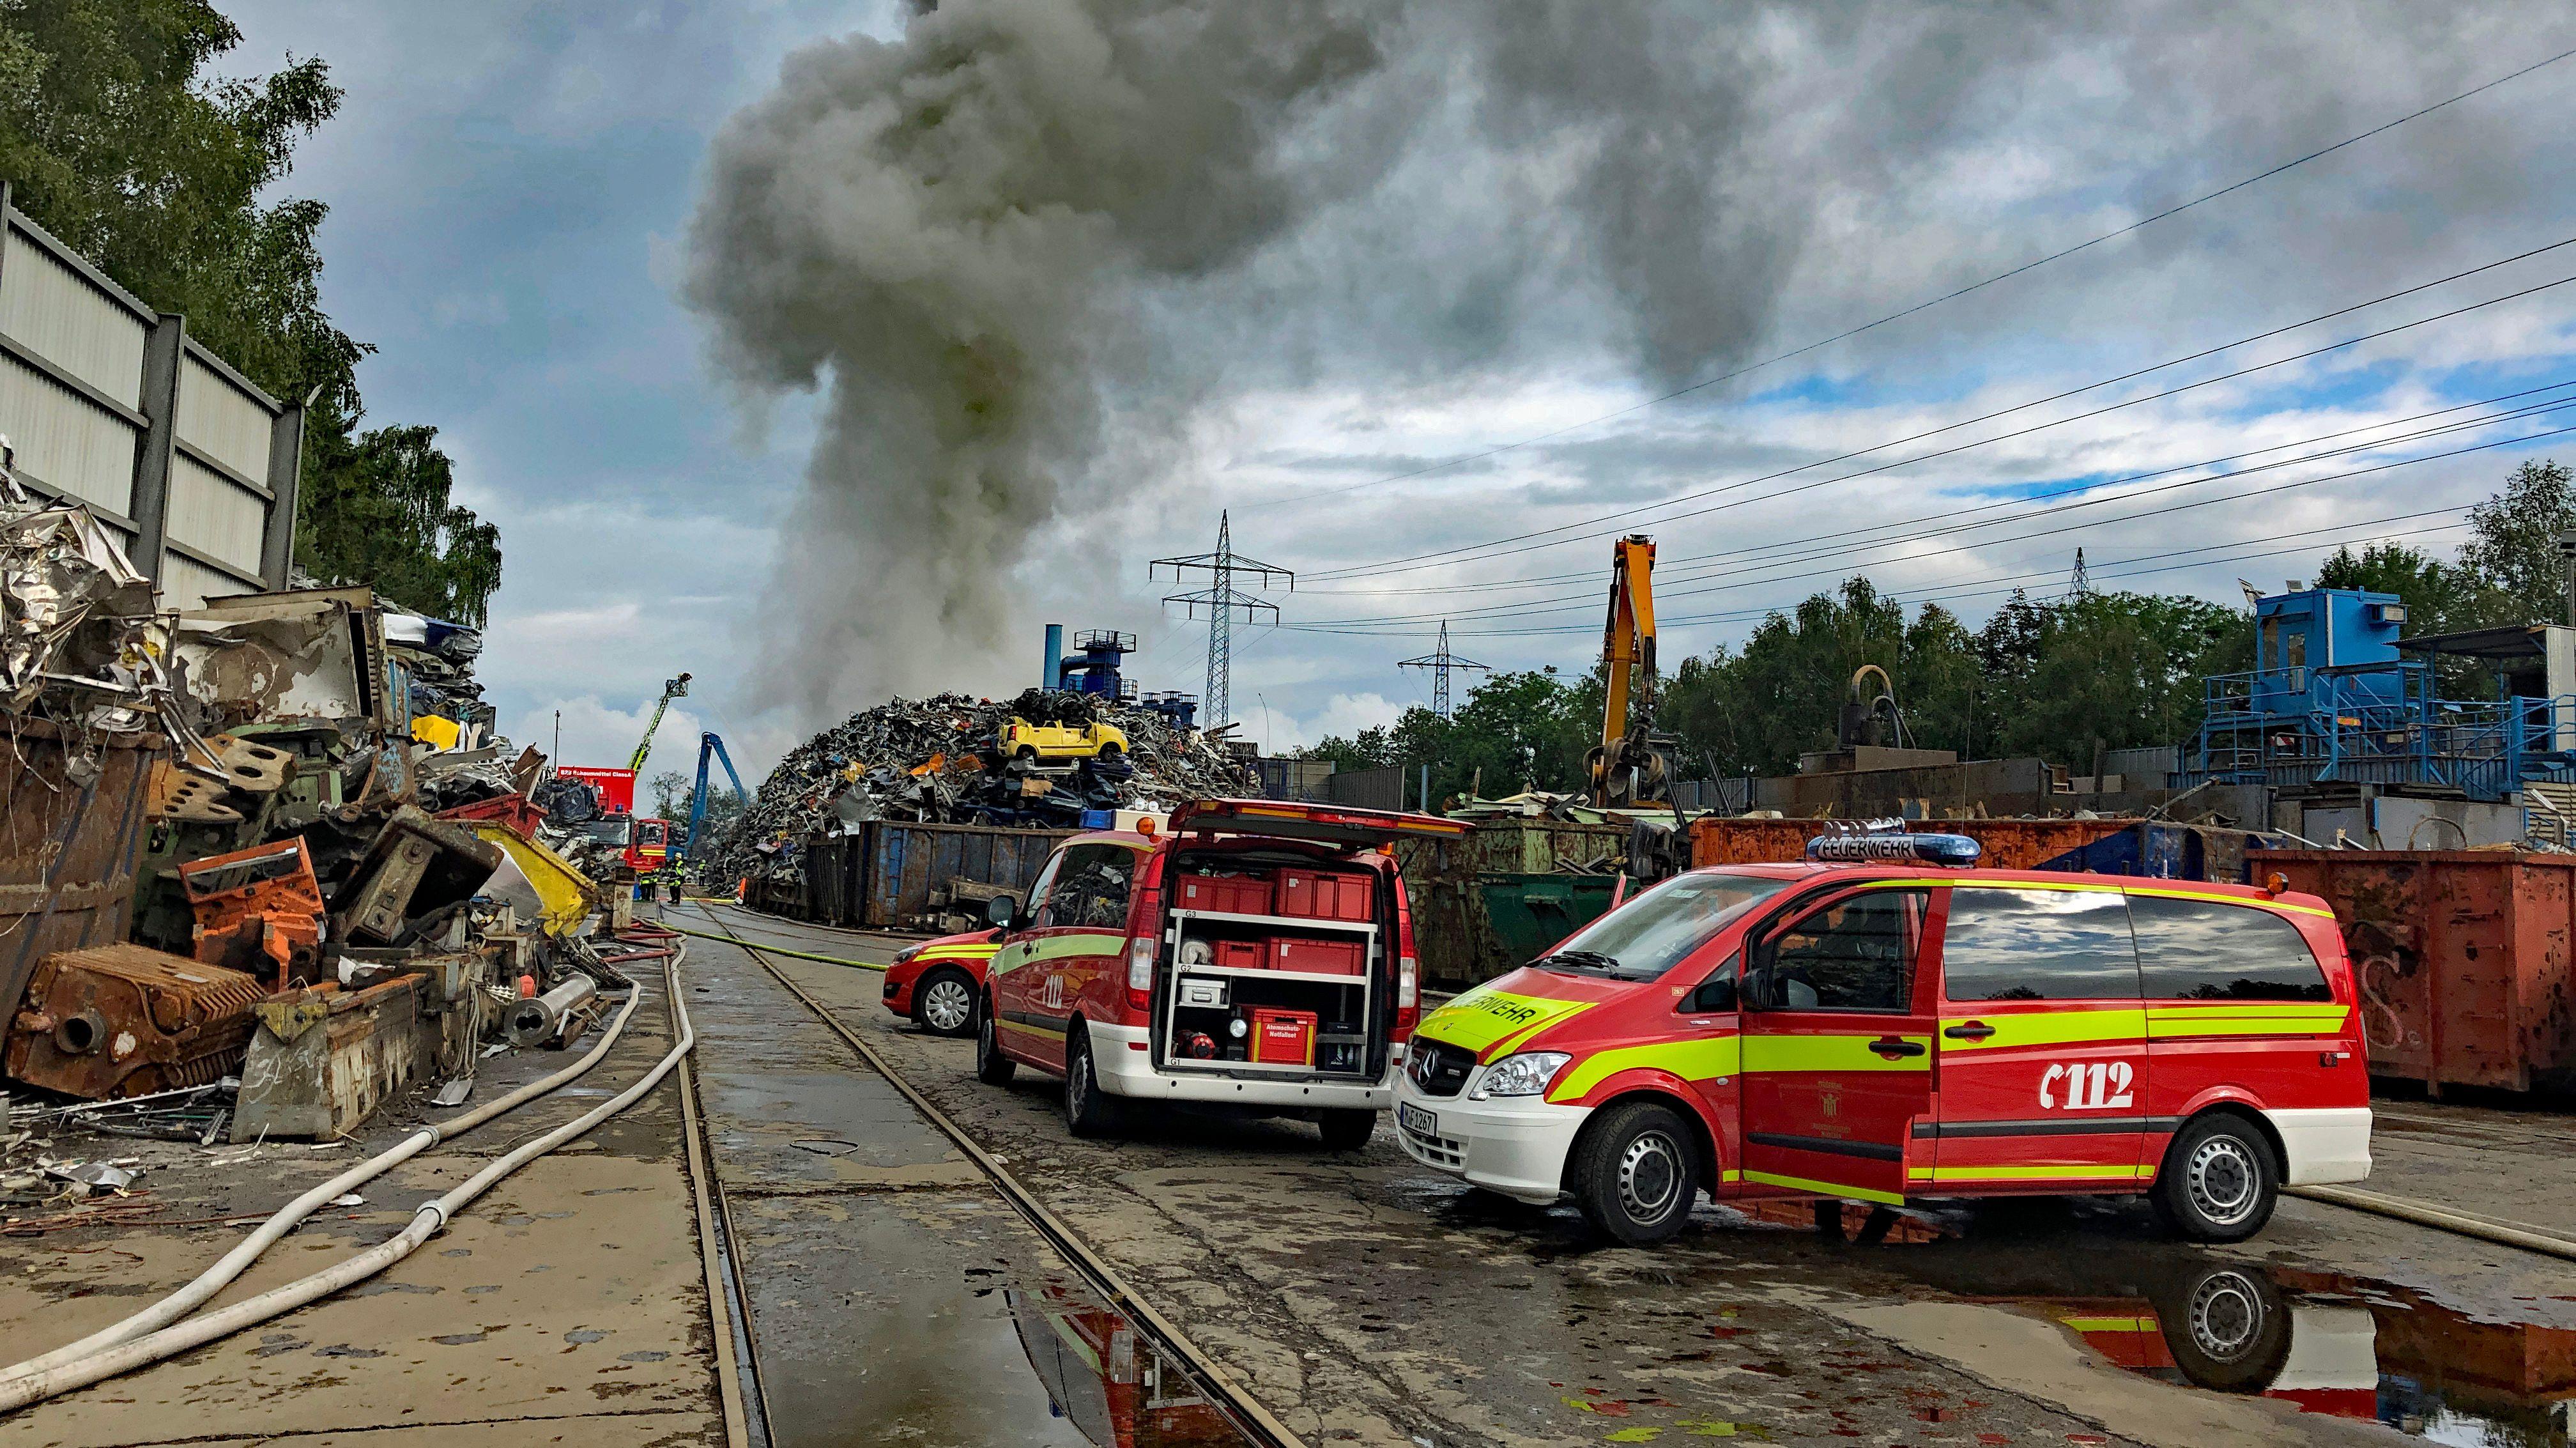 Dichte Rauchwolken nach einem Brand in Recyclinghof in München-Aubing